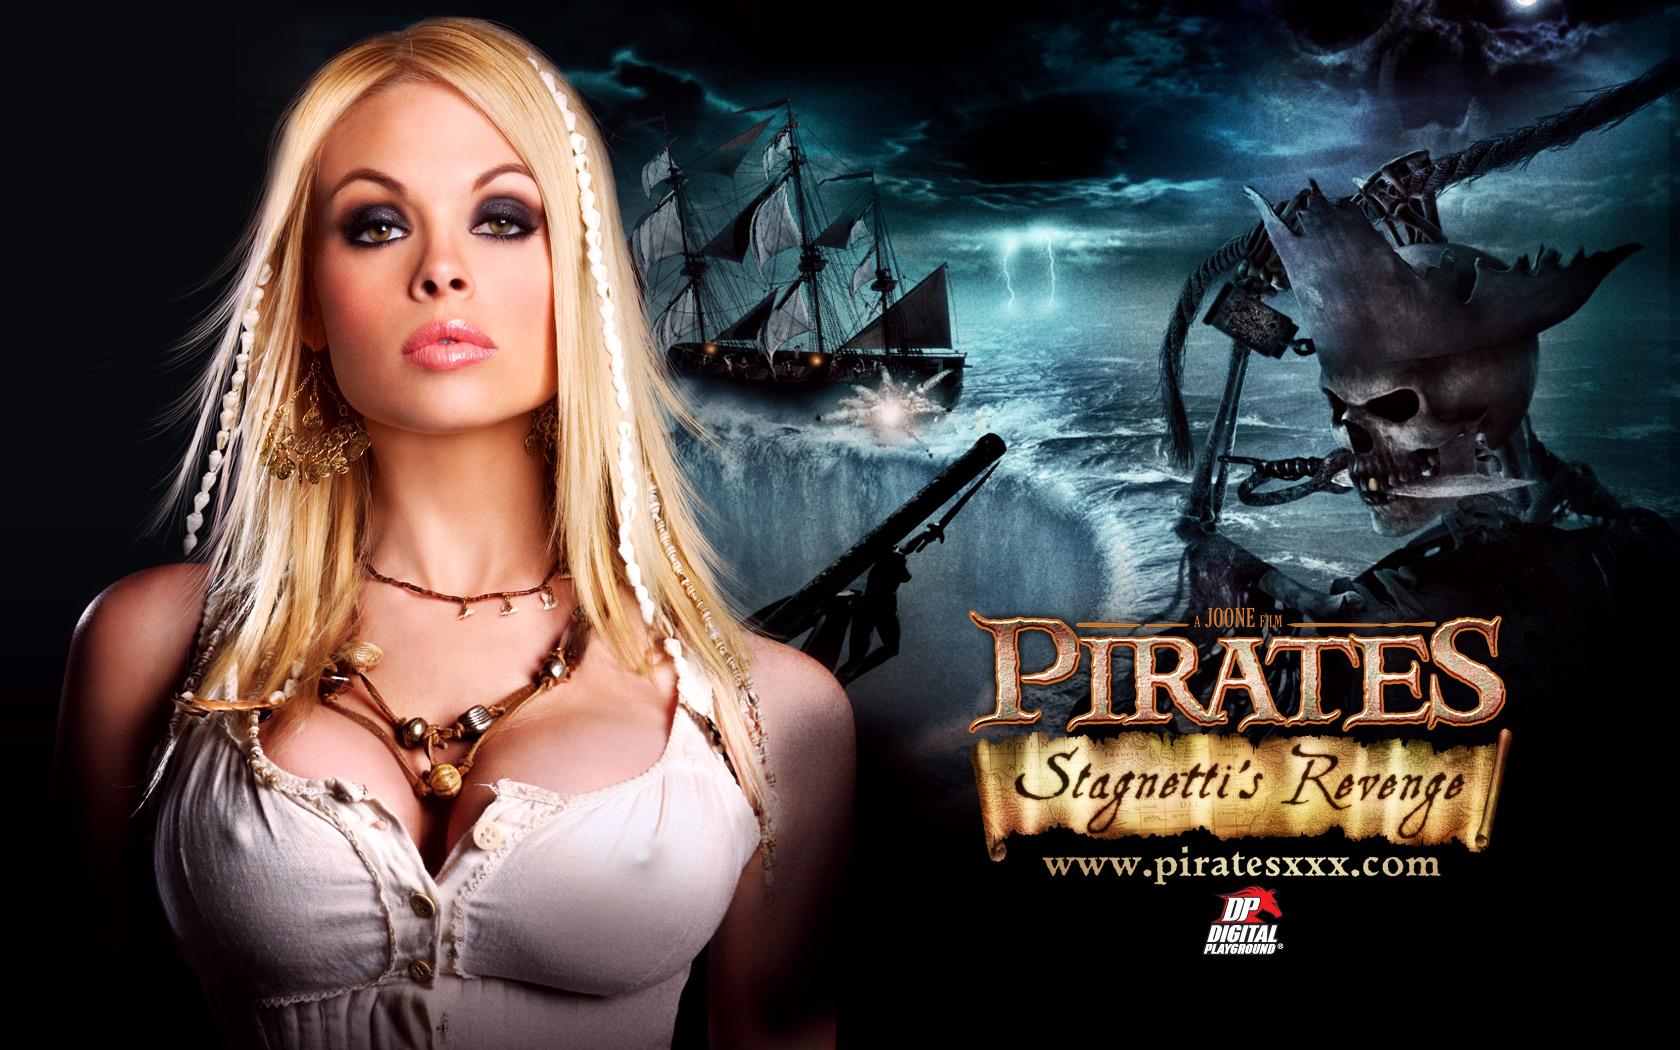 смотреть полнометражные порно фильм пираты